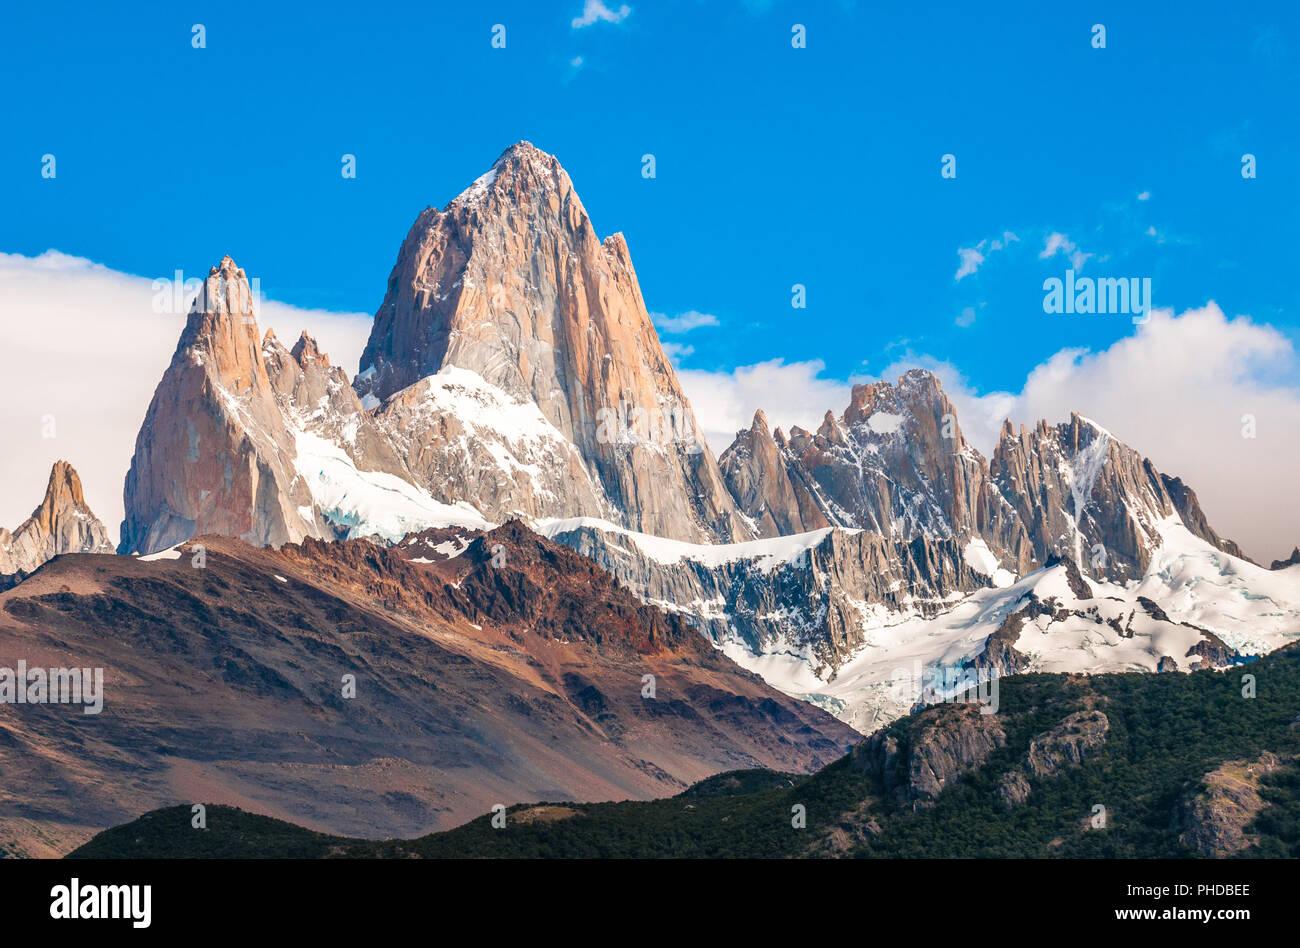 Fitz Roy mountain, El Chalten, Patagonia, Argentina - Stock Image